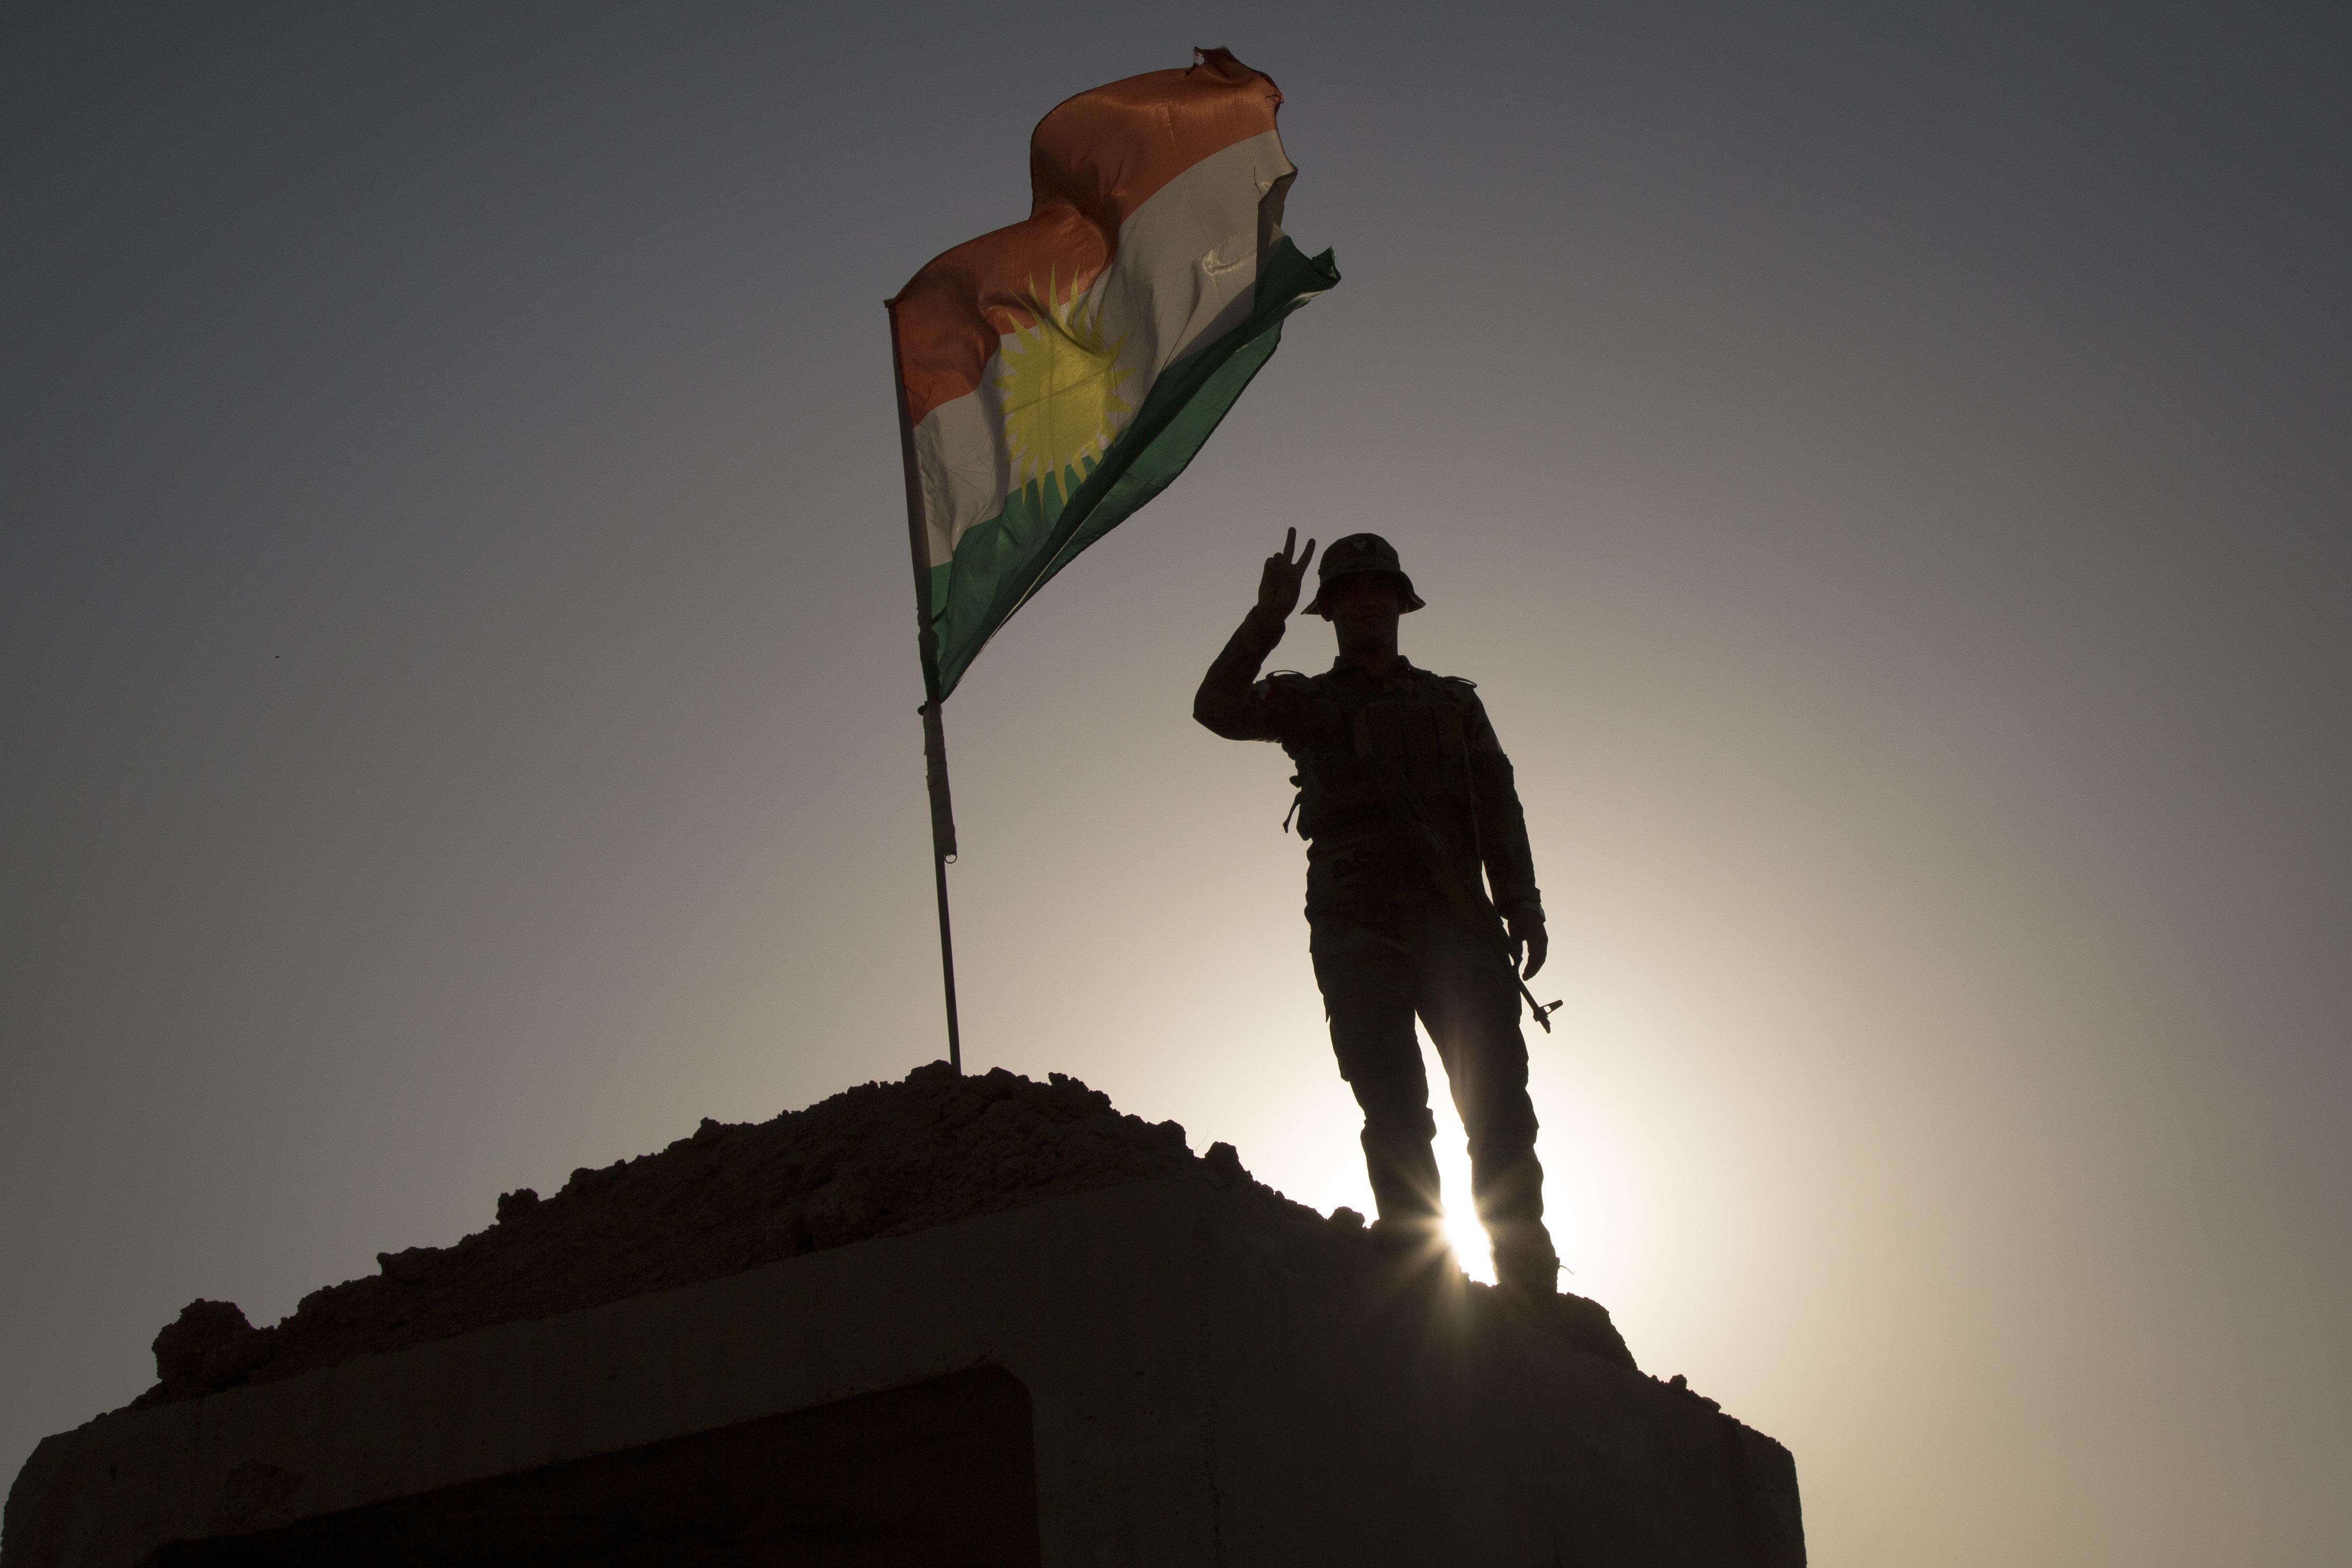 Εισβολή ενόπλων στο κυβερνείο του Ερμπίλ του αυτόνομου ιρακινού Κουρδιστάν. Ένας εργαζόμενος